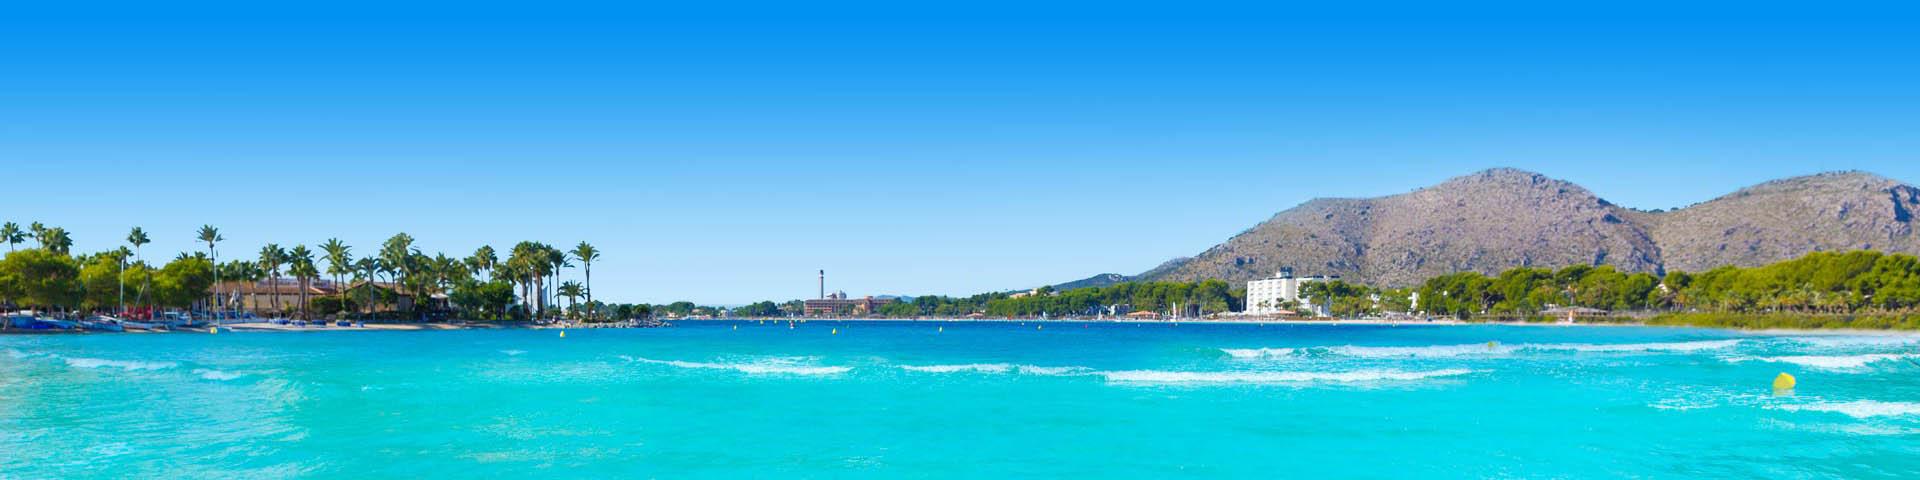 Lichtblauwe zee aan de kust van Spanje